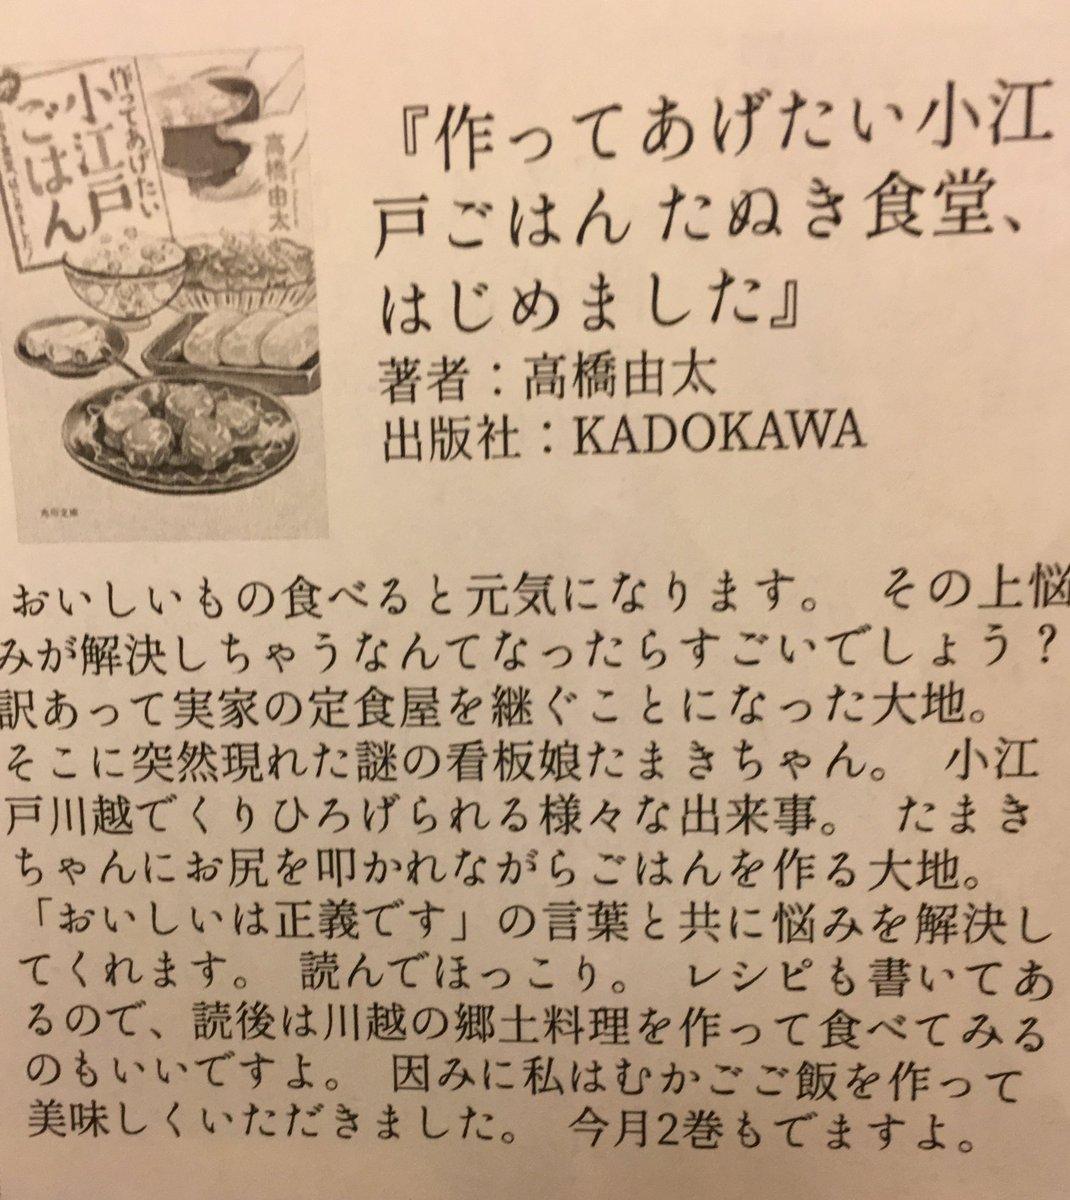 f:id:takahashiyuta2:20200514214150p:plain